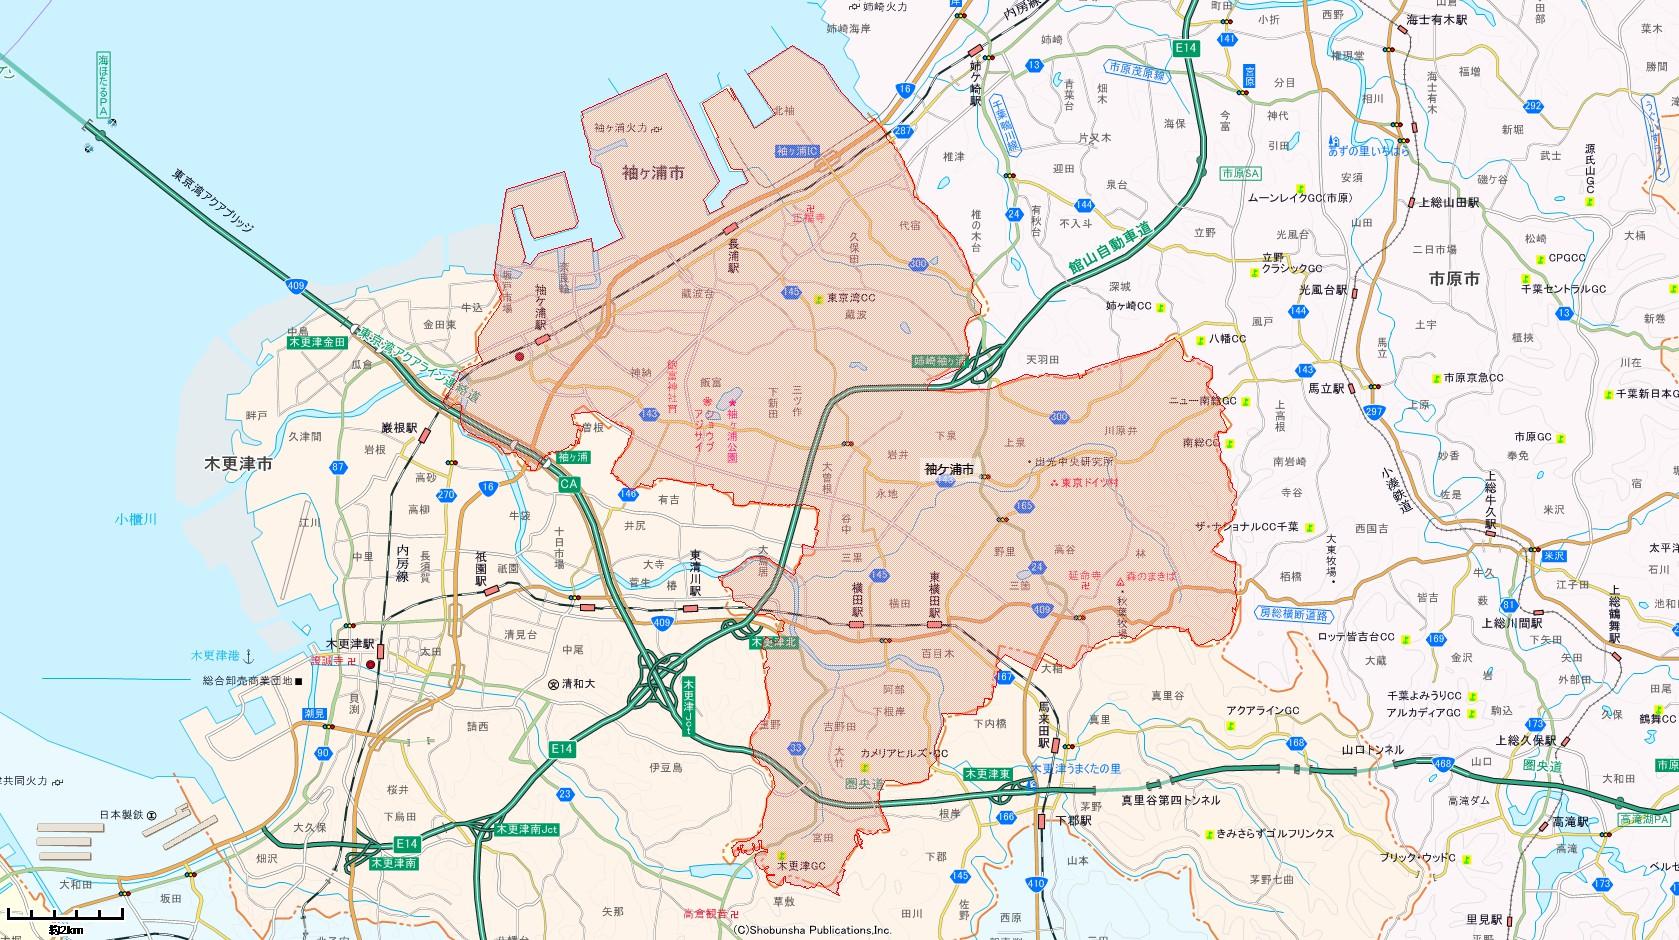 東京都あきる野市地図